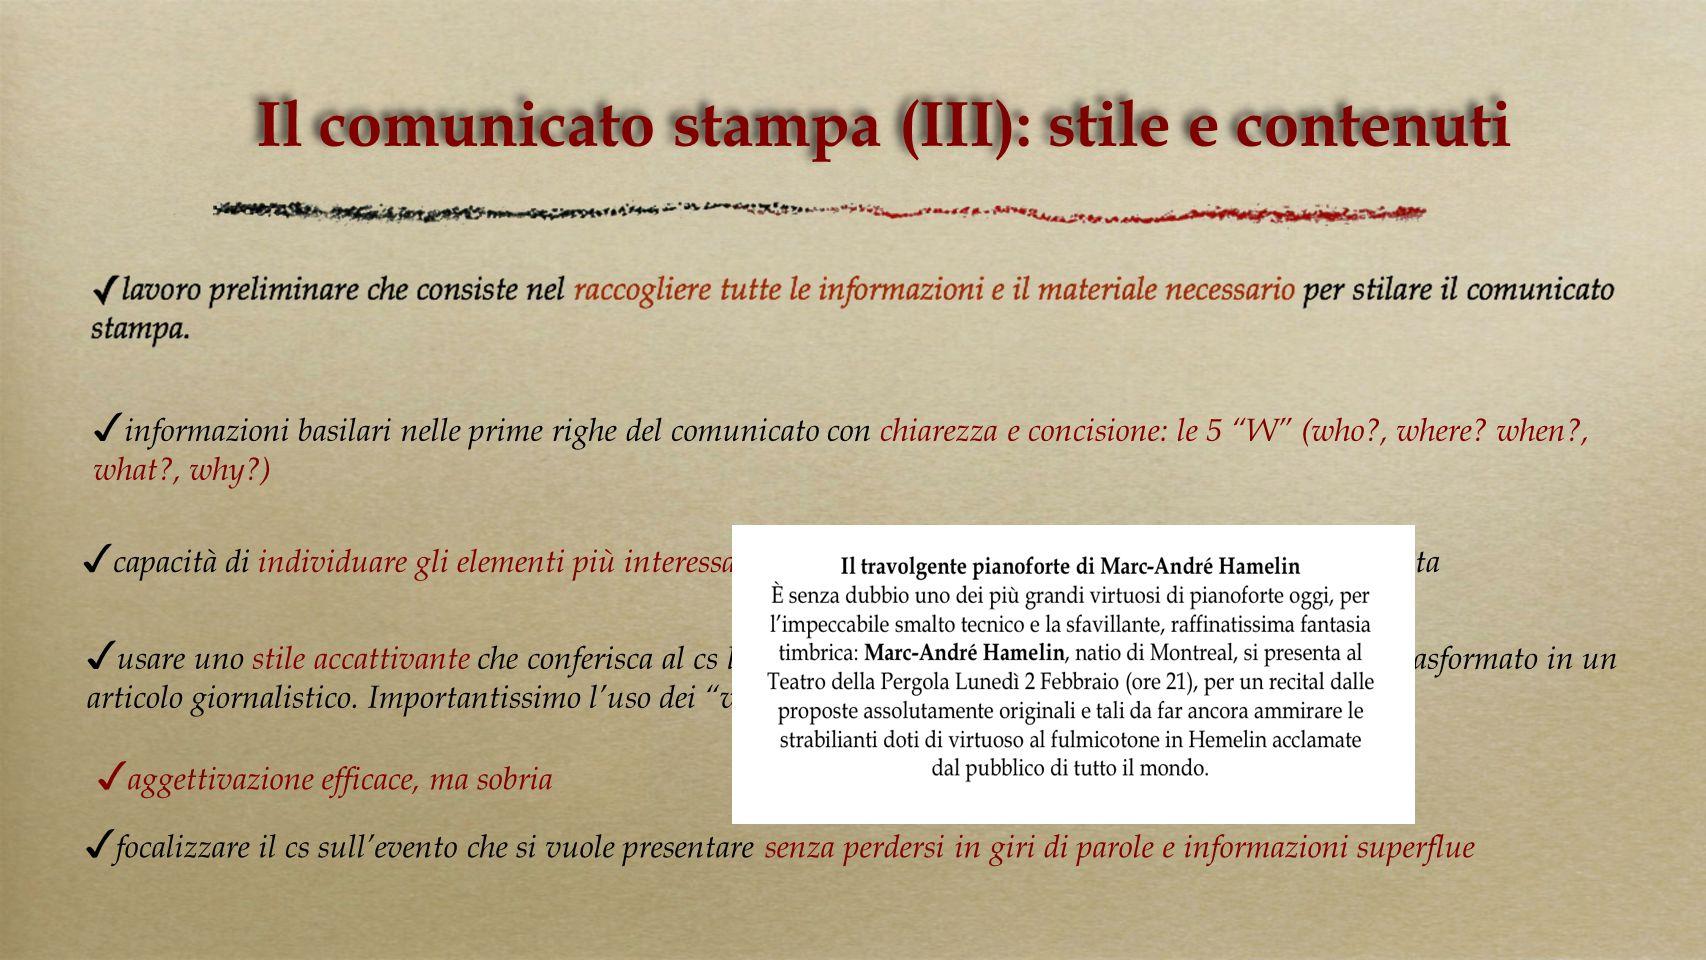 Il comunicato stampa (III): stile e contenuti informazioni basilari nelle prime righe del comunicato con chiarezza e concisione: le 5 W (who?, where?